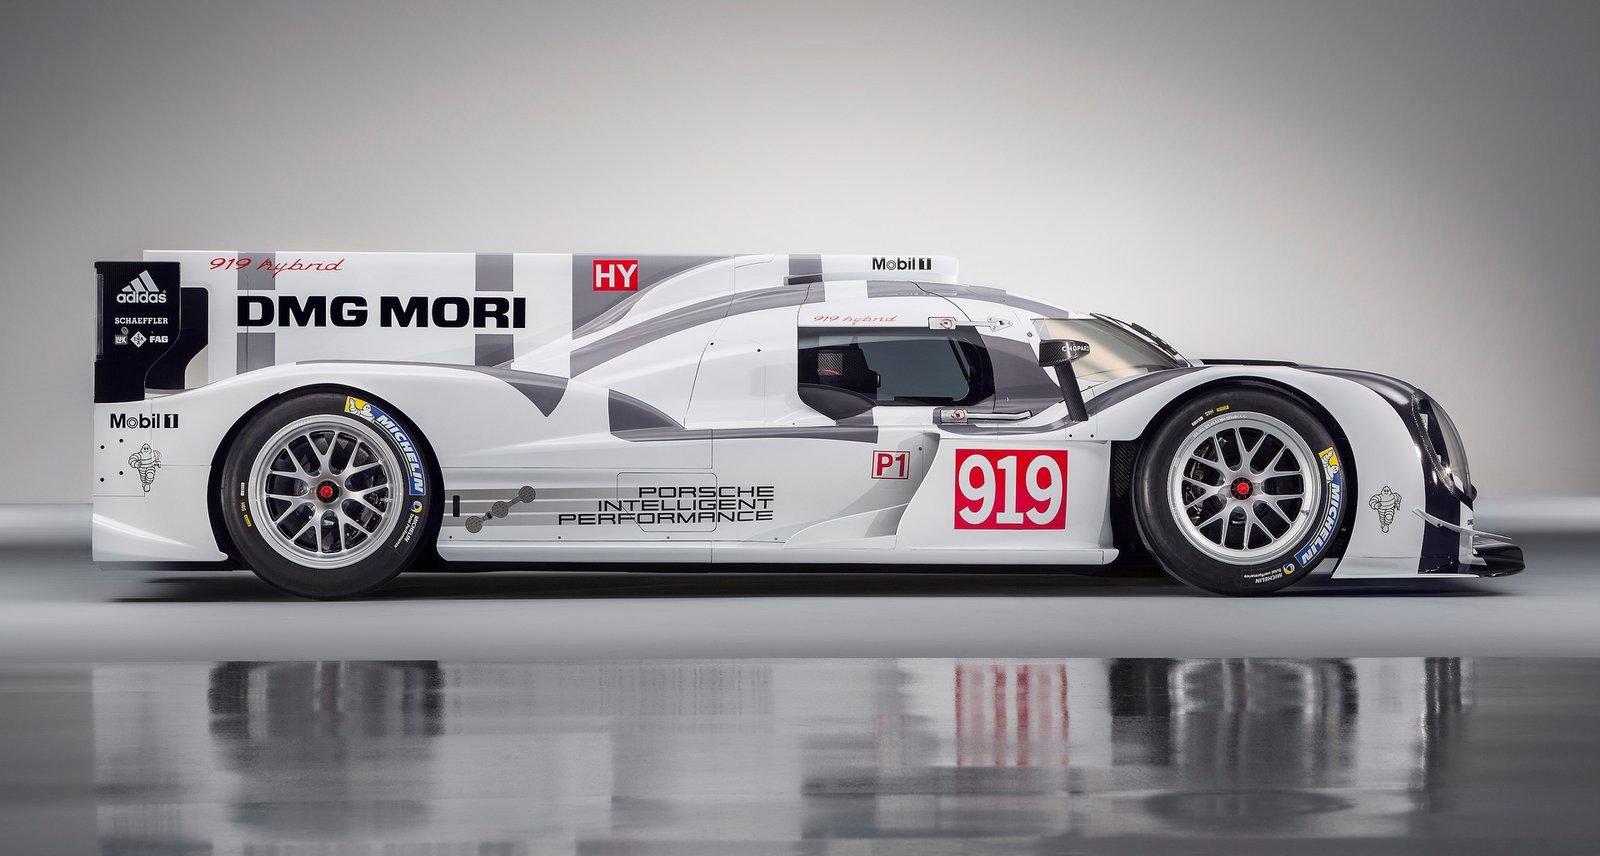 Porsche 919 Hybrid Lmp1 Prototype For Wec 2014 Image 234223